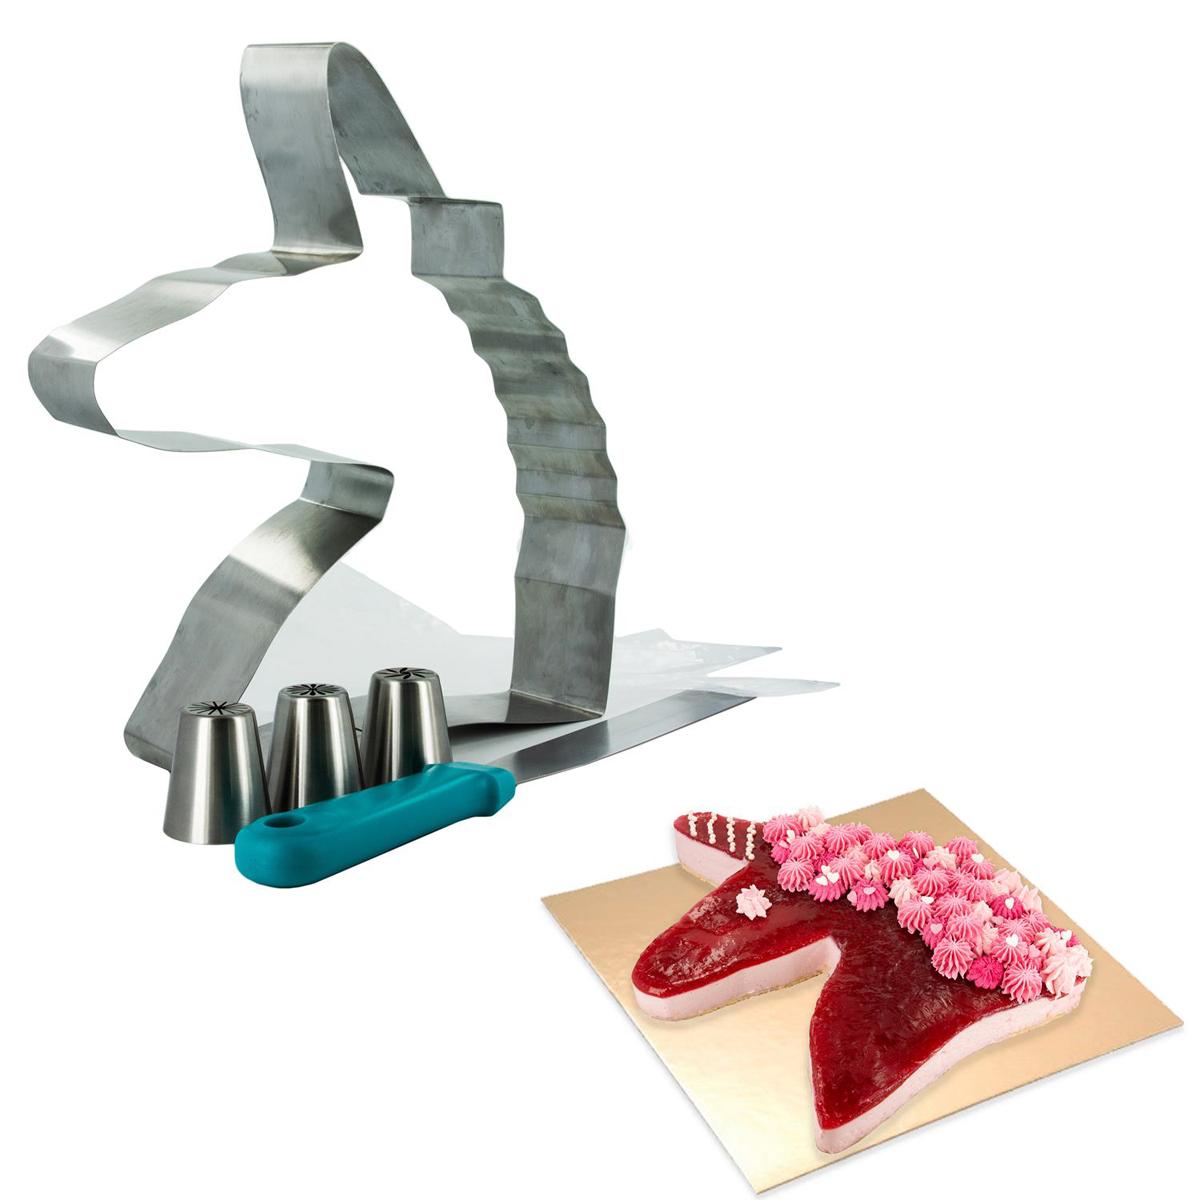 Moule et accessoires inox \'Licorne My Unicorn\' - 27x23x6 cm - [Q9331]